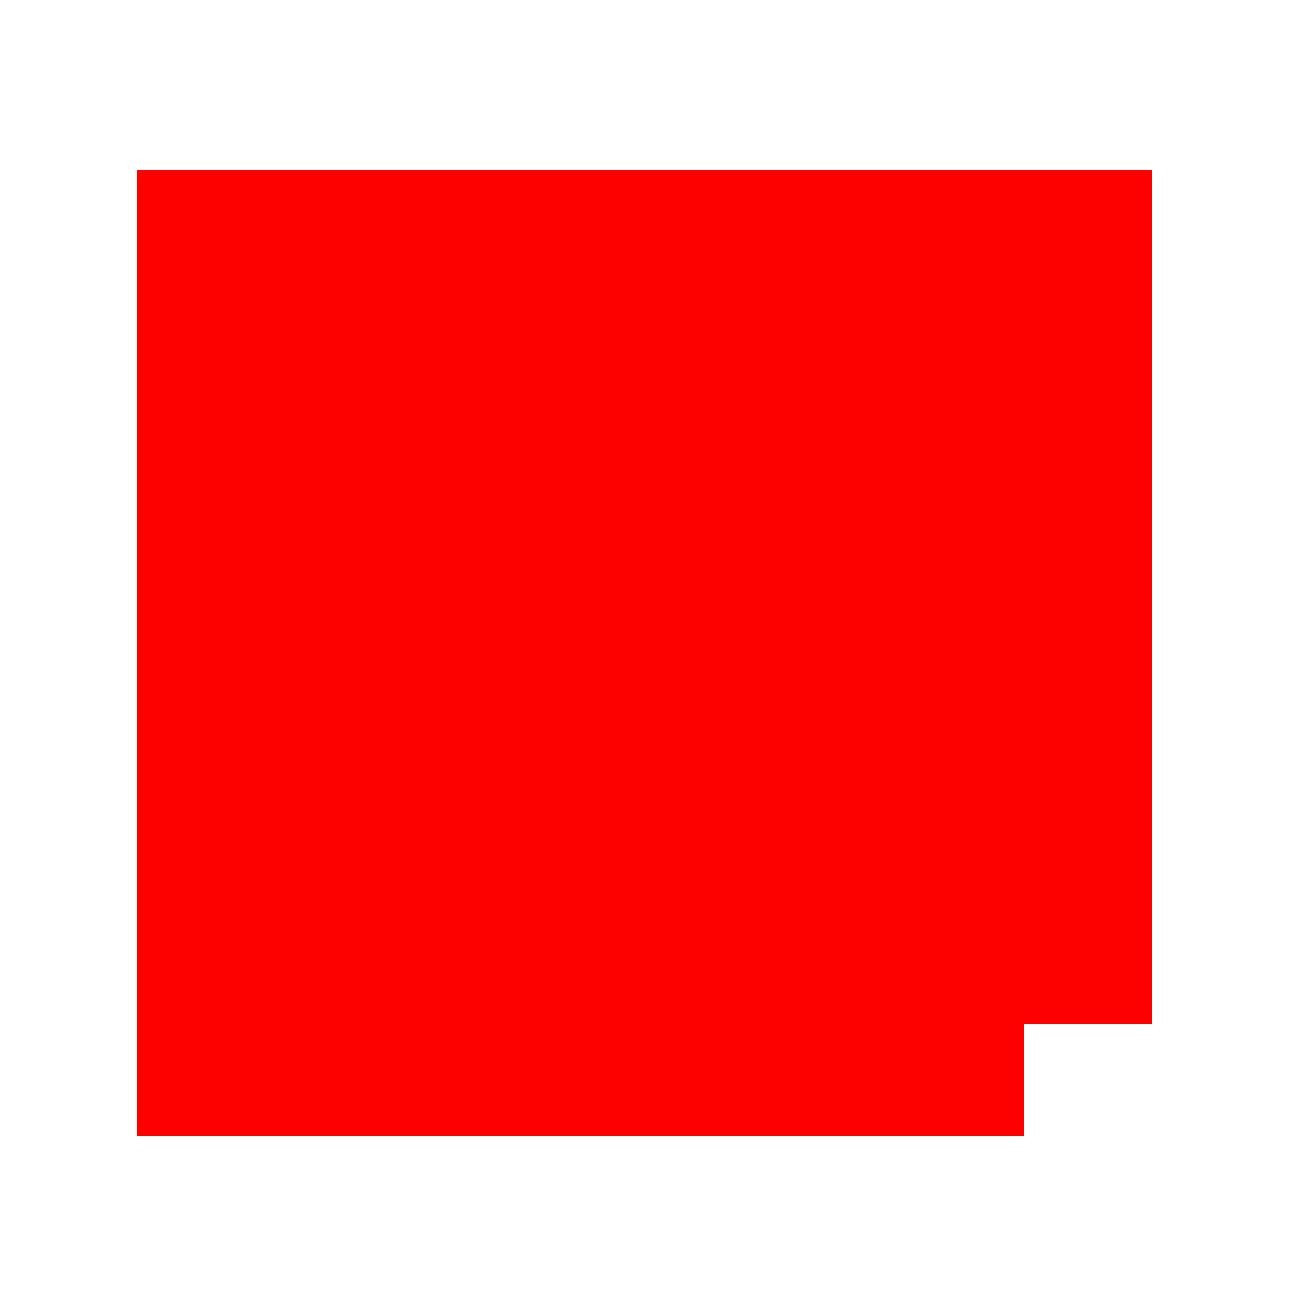 PremiumParts_Filters